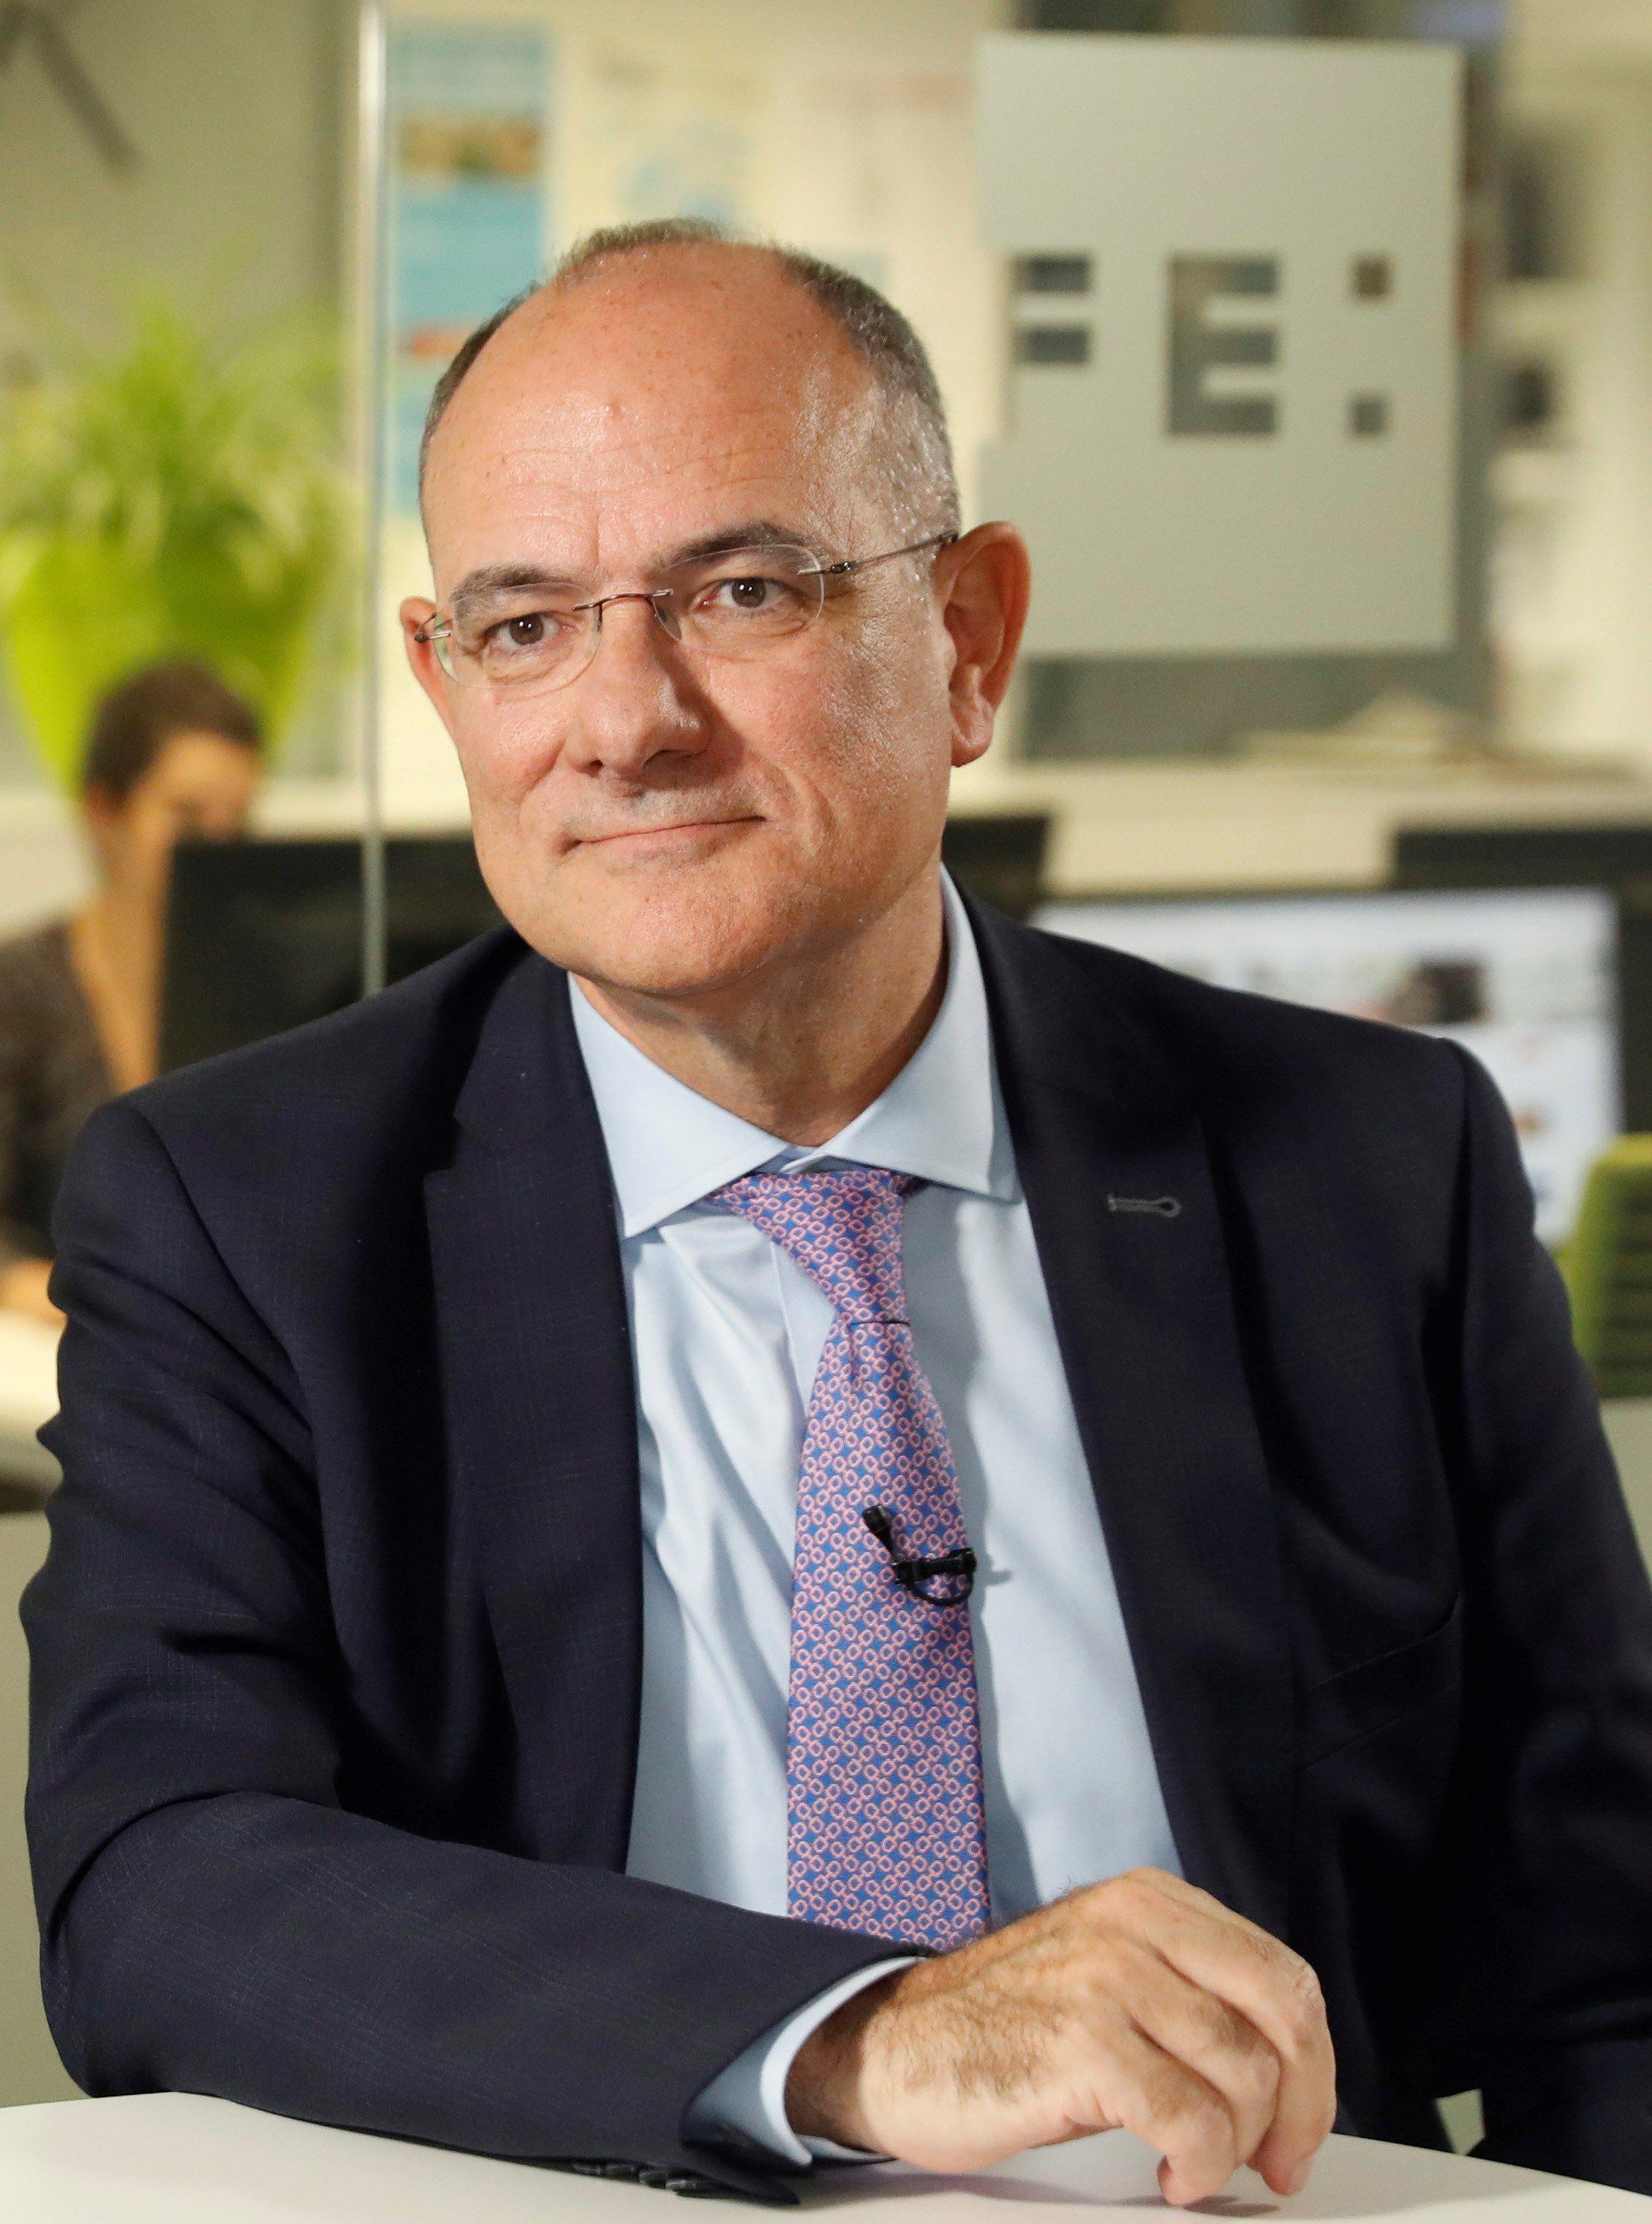 """Jaume Duch, portavoz del PE, la UE tiene que """"dejar el 'brexit' atrás"""""""